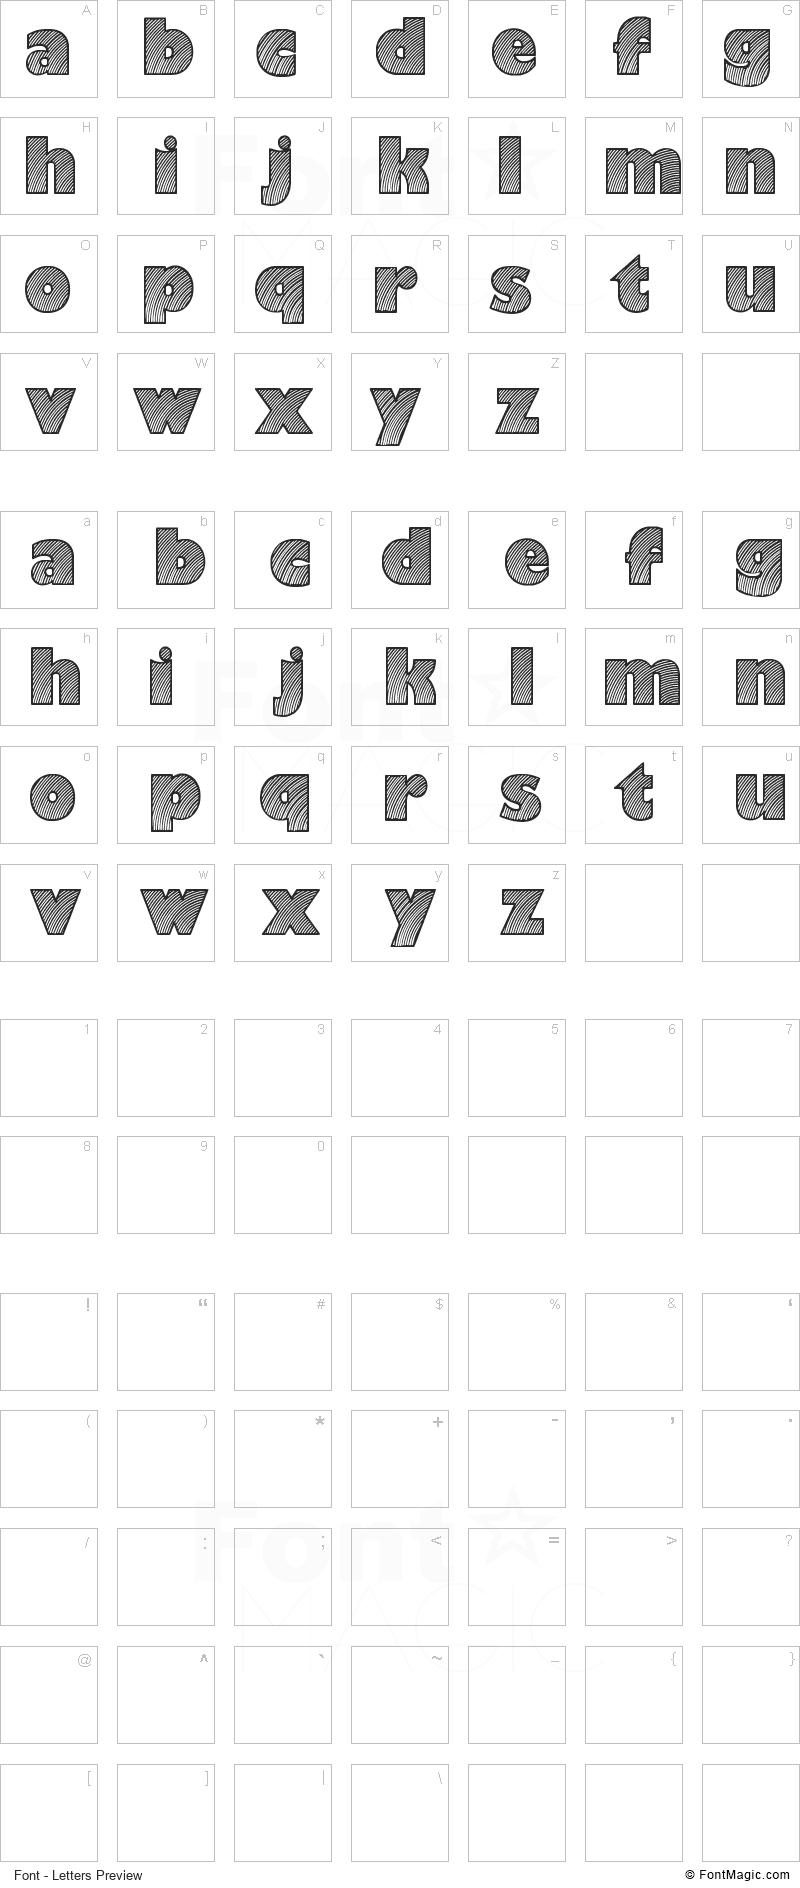 Moaren Font - All Latters Preview Chart